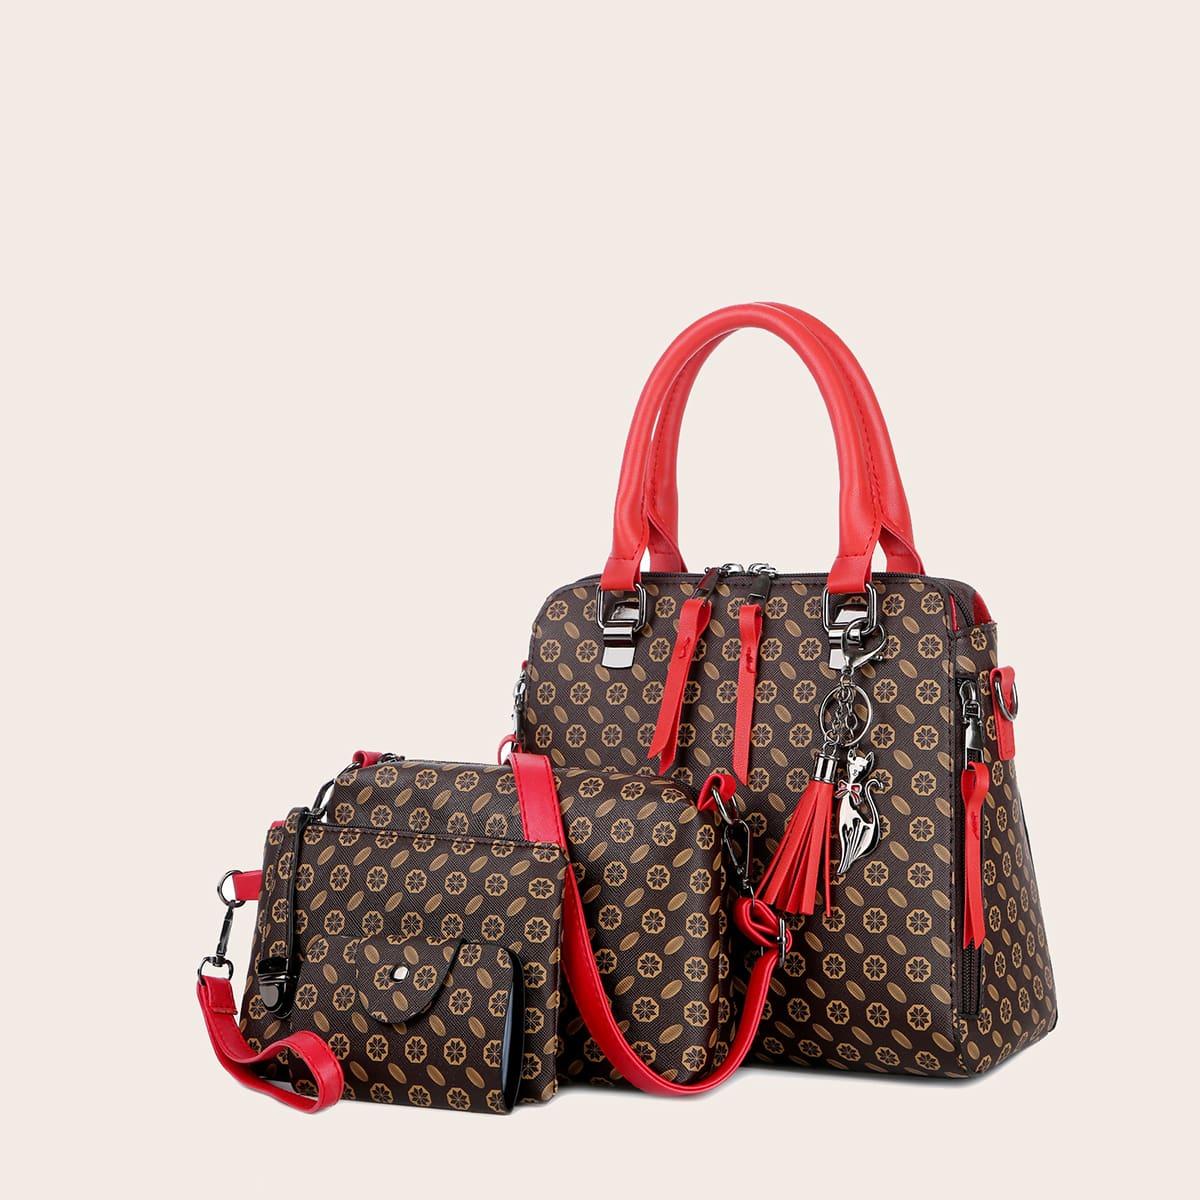 4шт набор сумок с принтом и бахромой